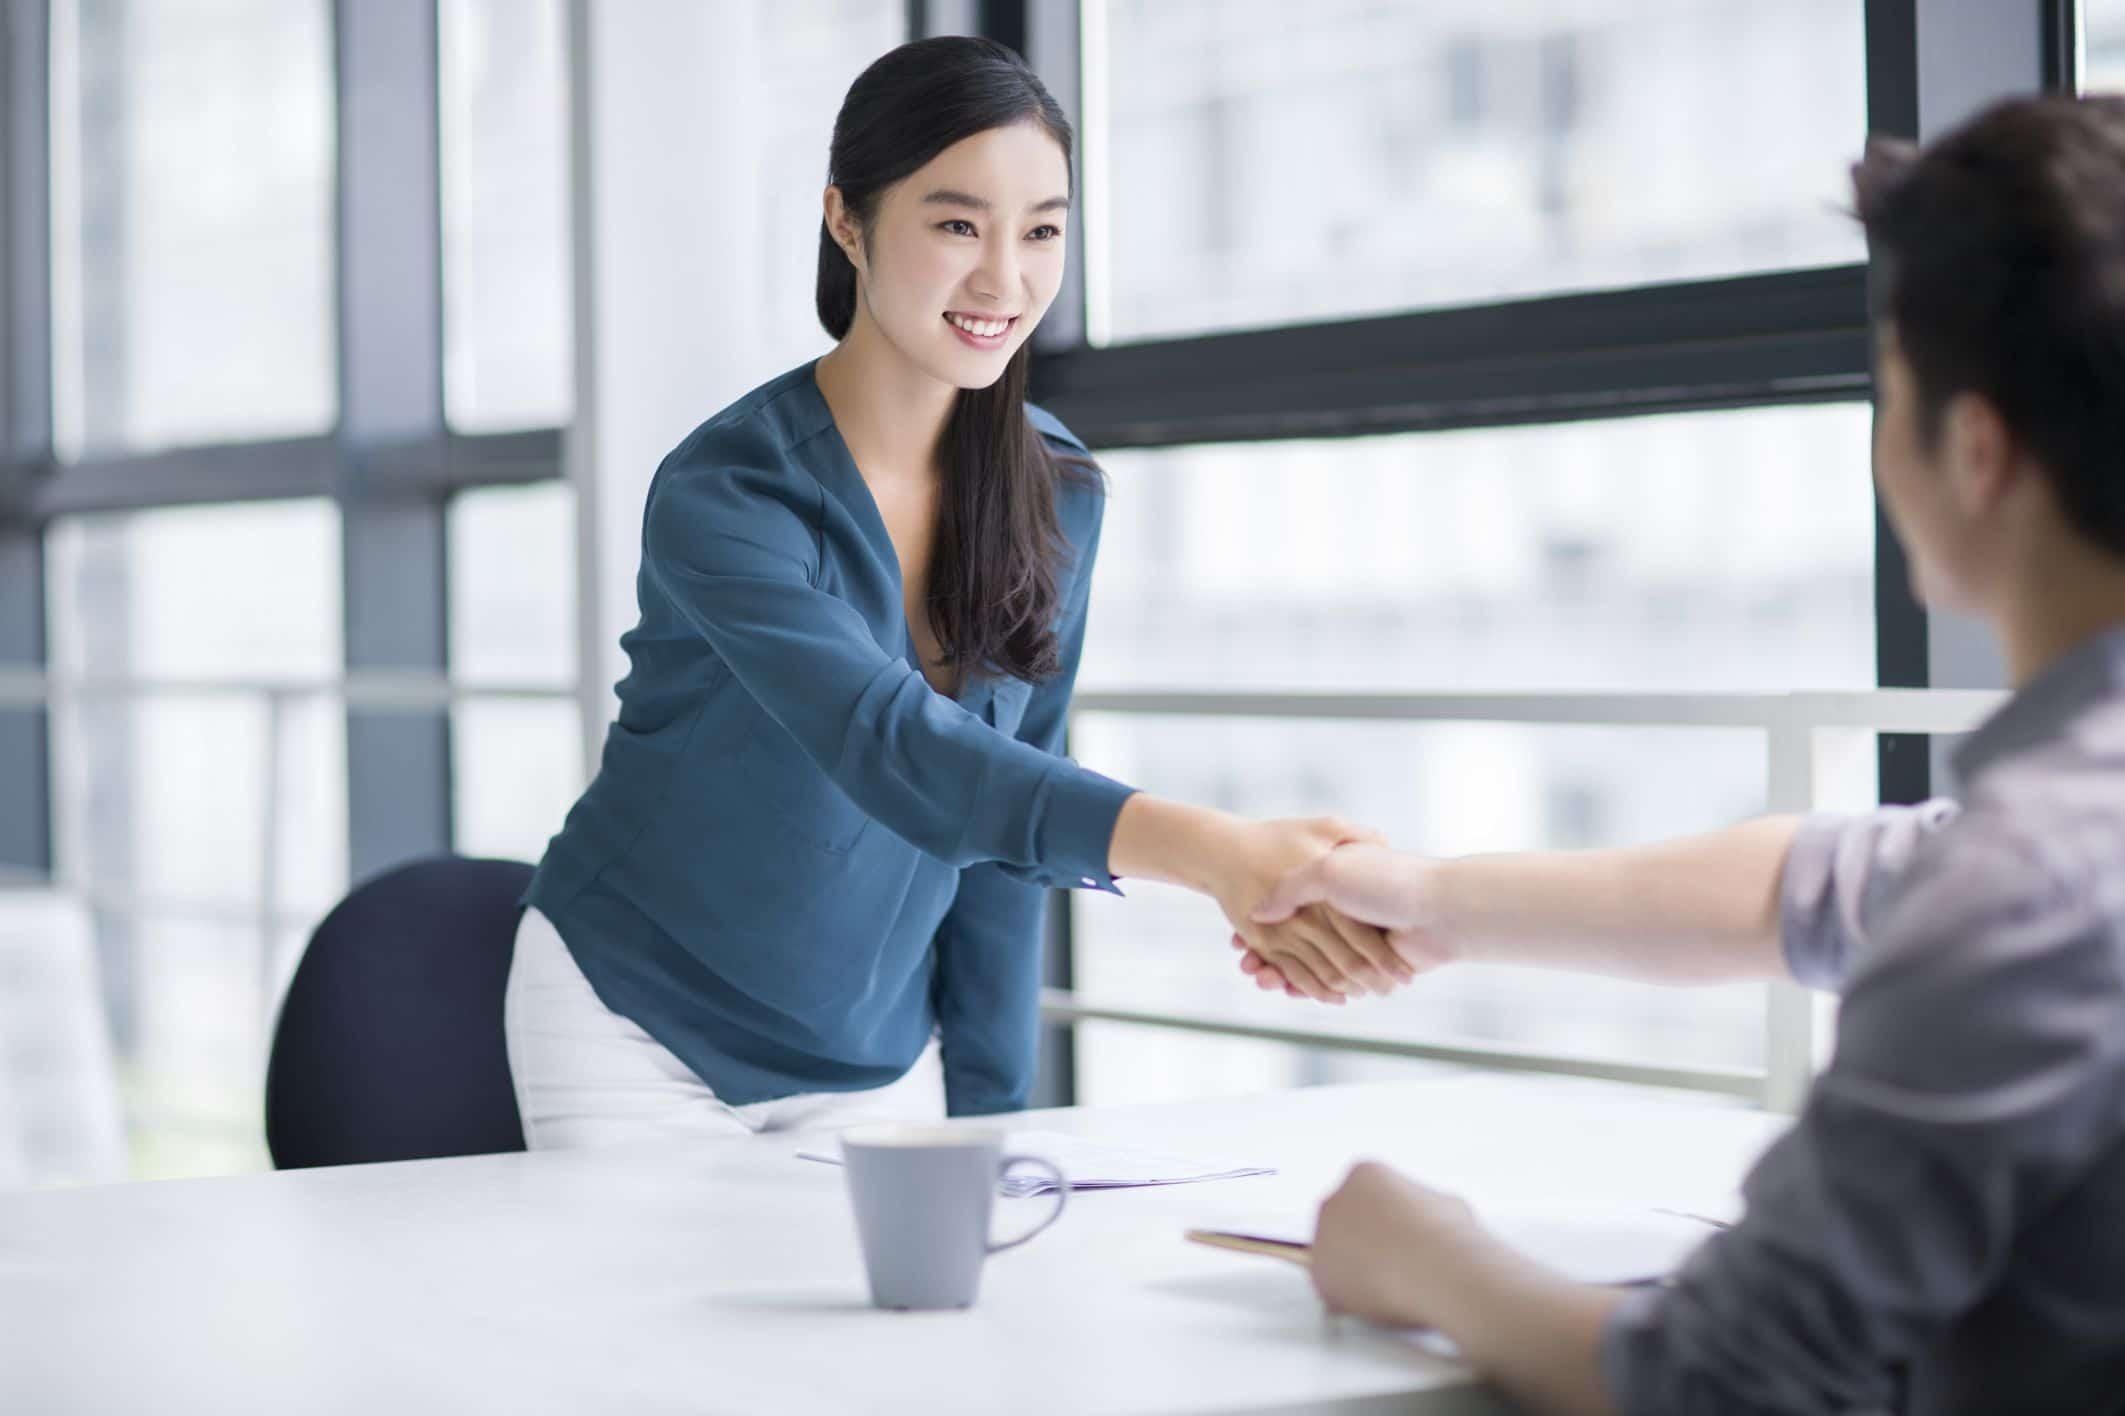 10 راهکار متفاوت برای اینکه در شغلتان موفق باشید